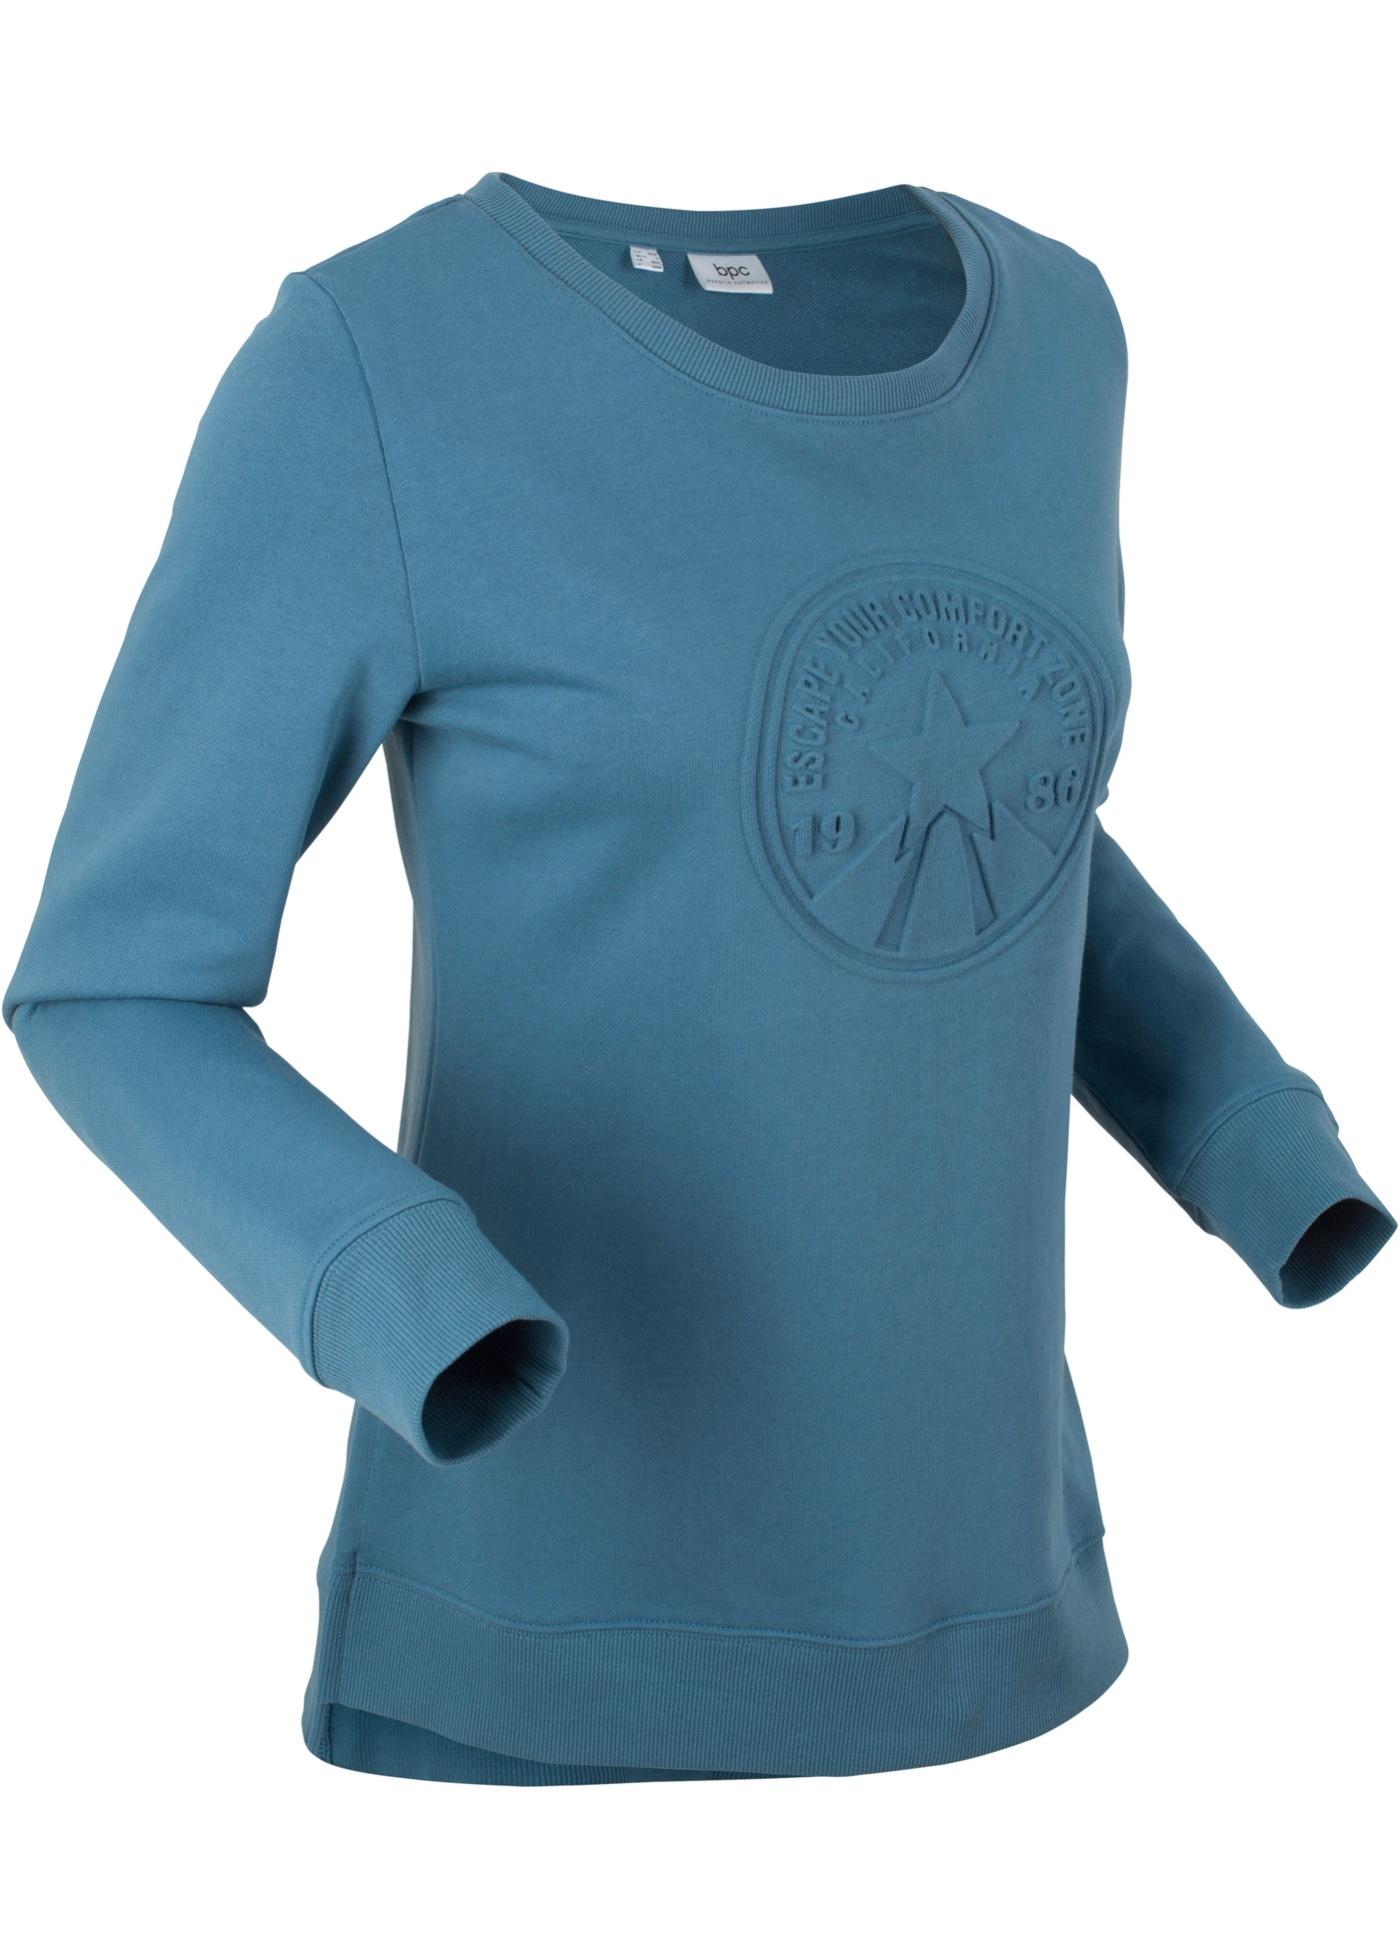 Mikina s raženým motivem, dlouhý rukáv - Modrá